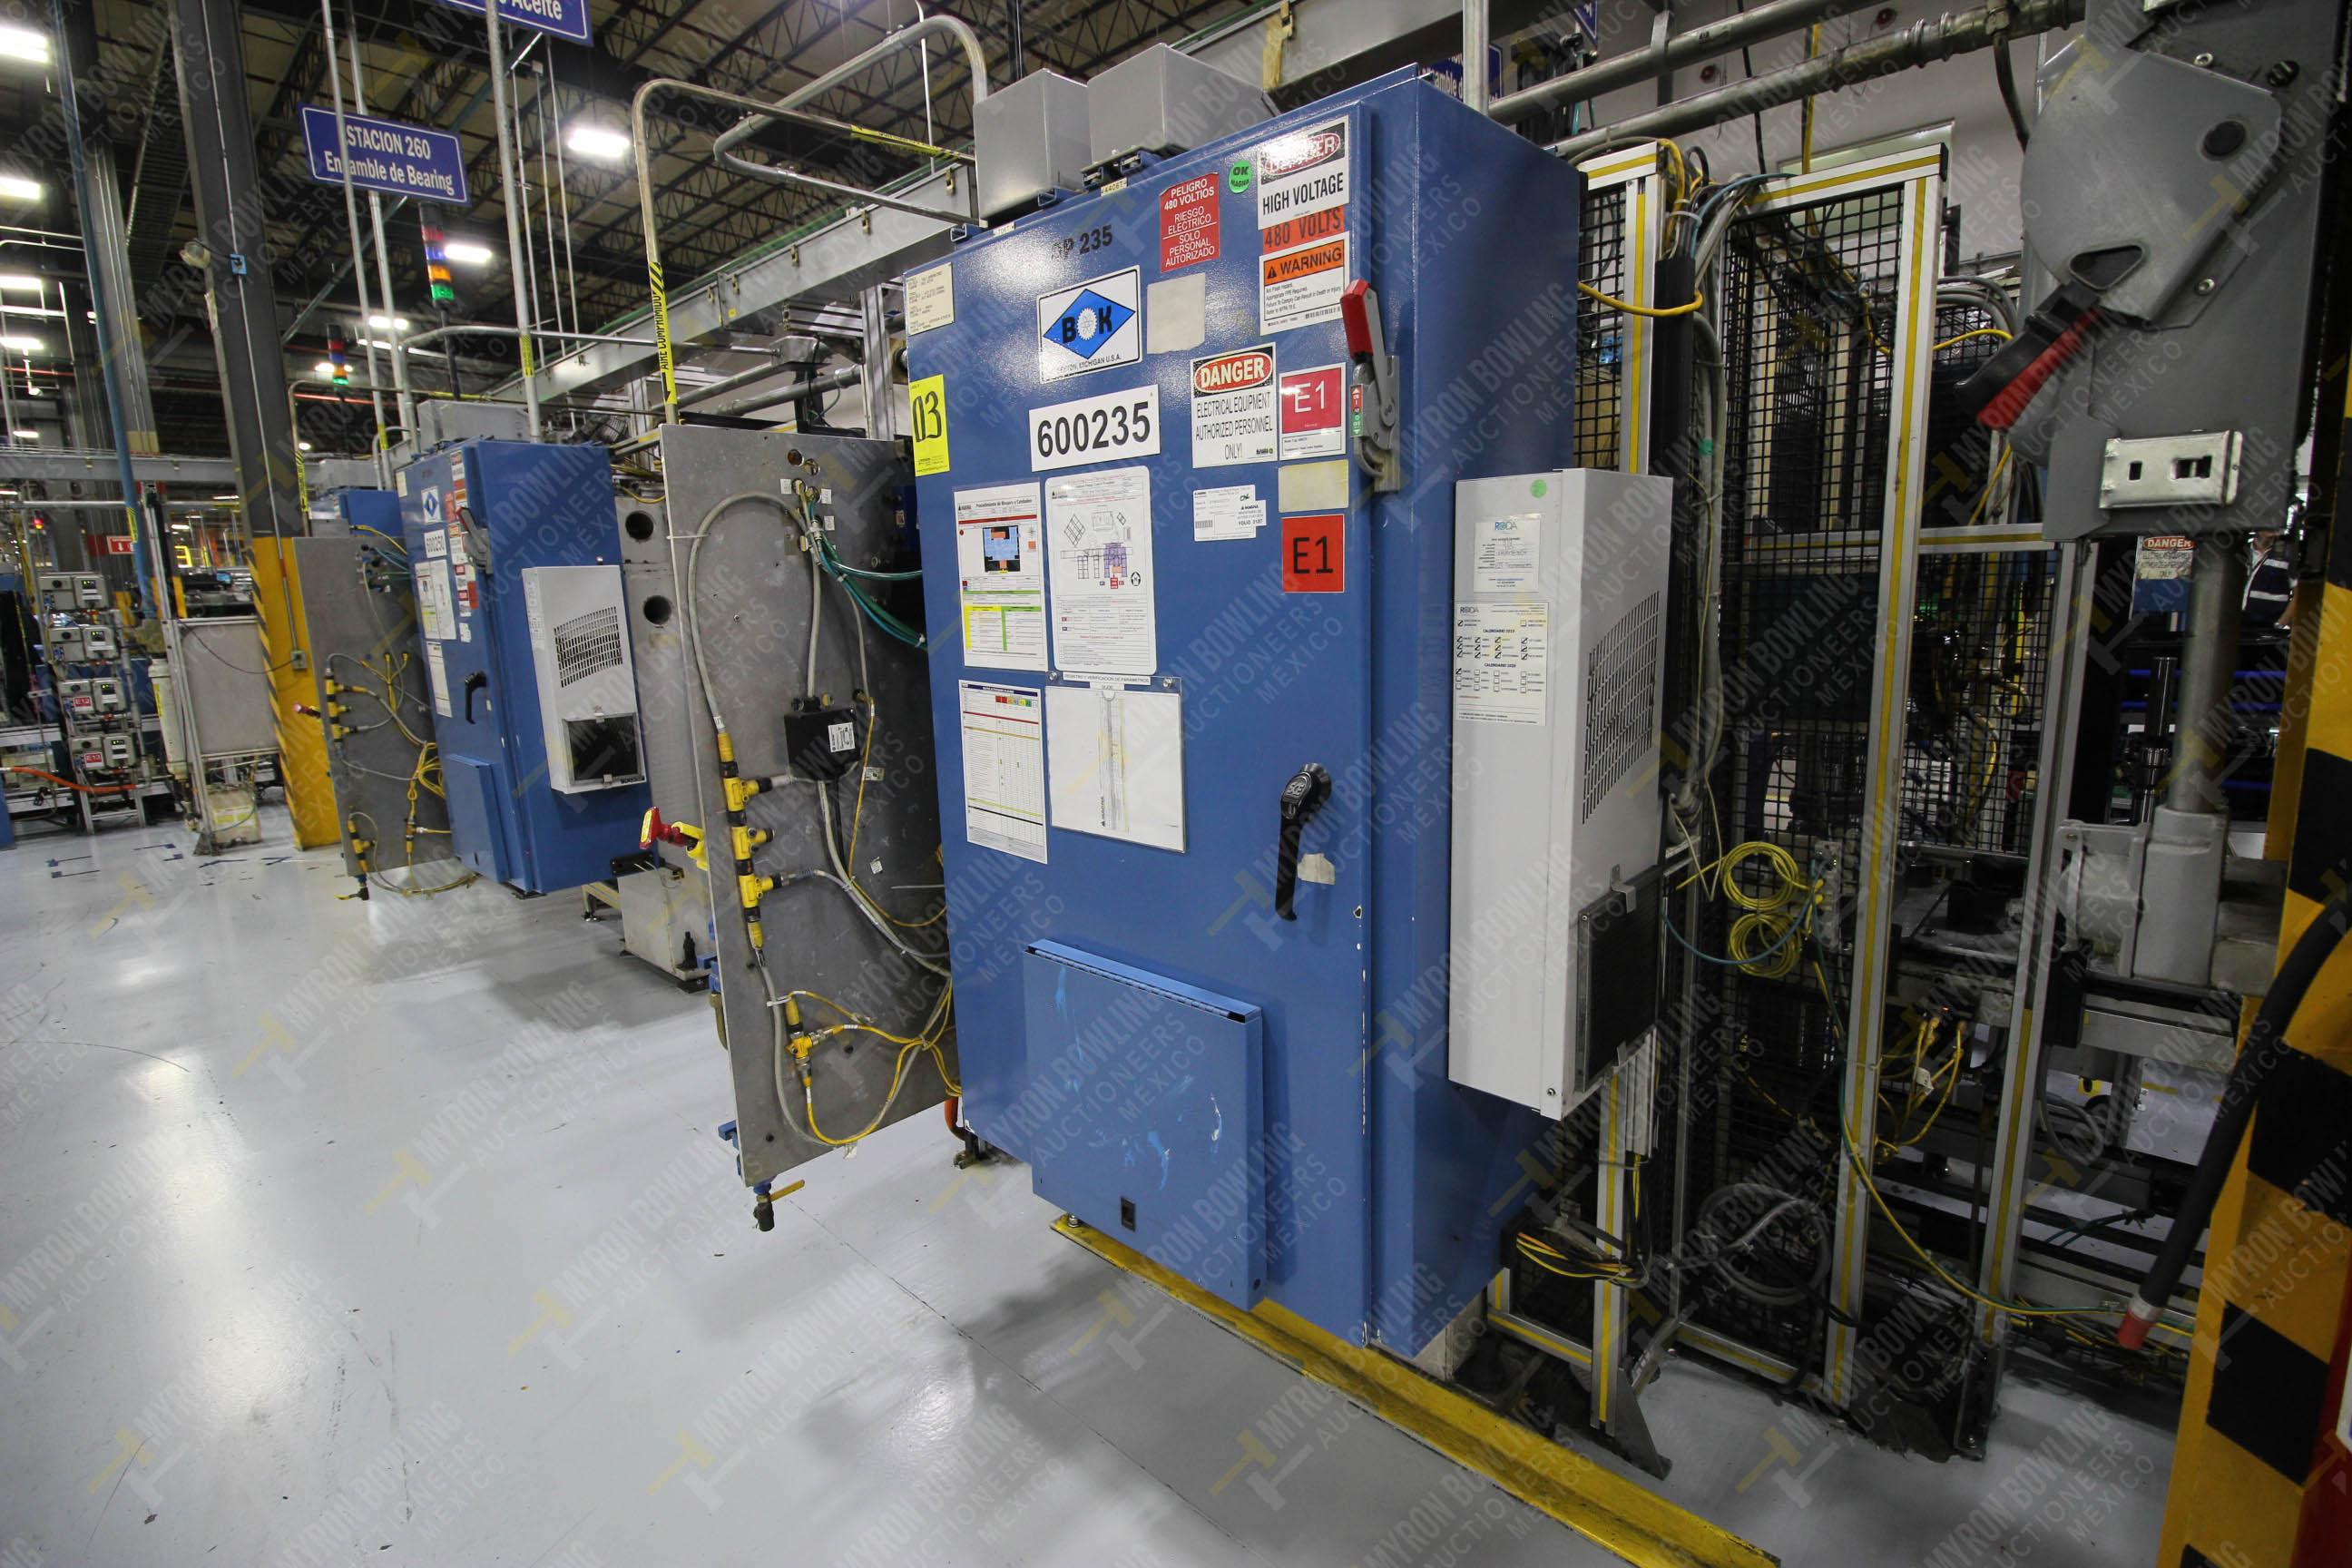 Estación semiautomáticapara operación 235 de ensamble de candado - Image 18 of 22